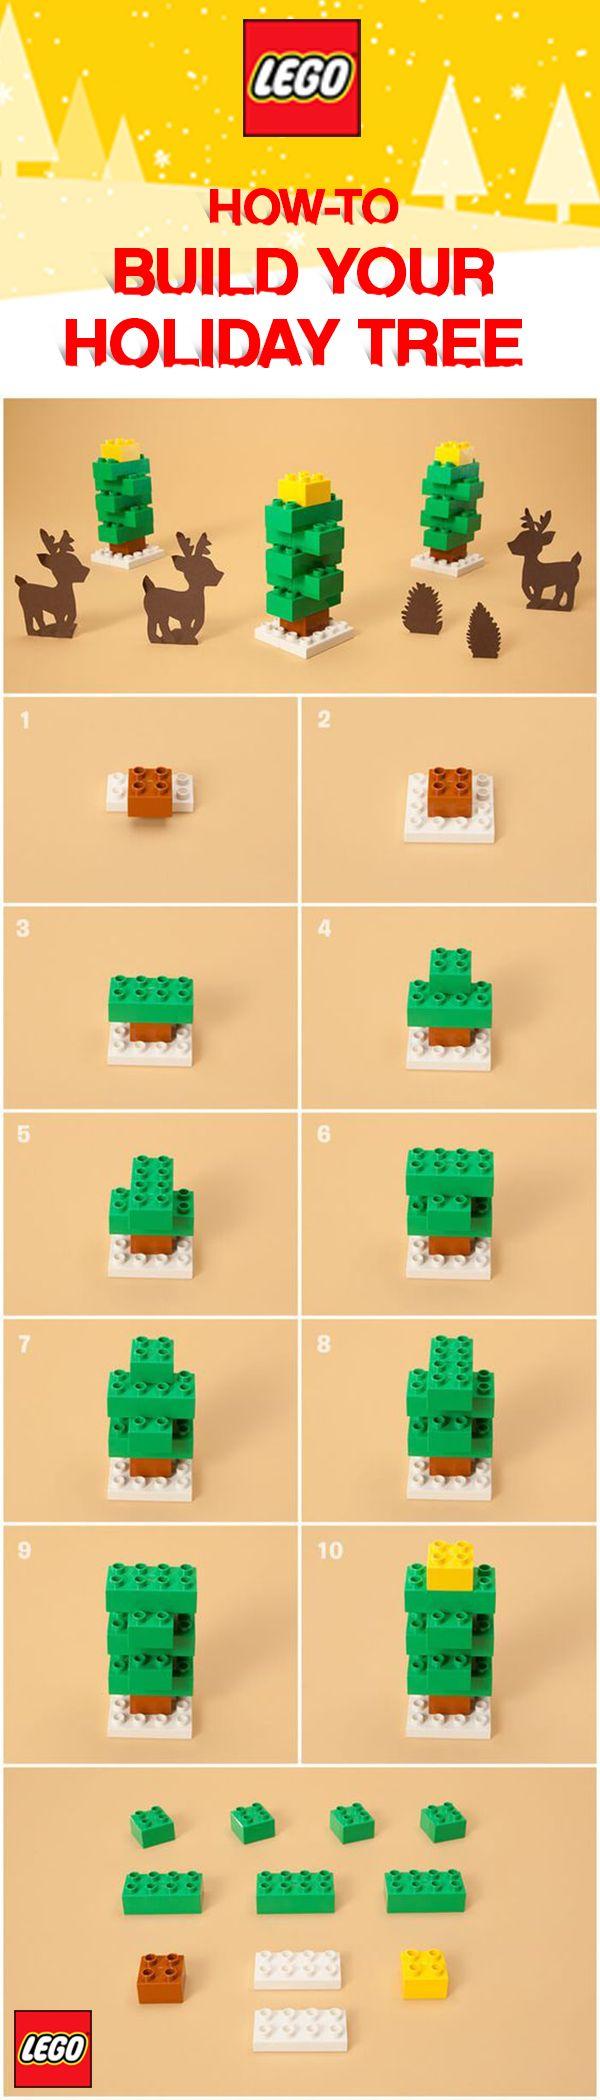 easy lego car instructions